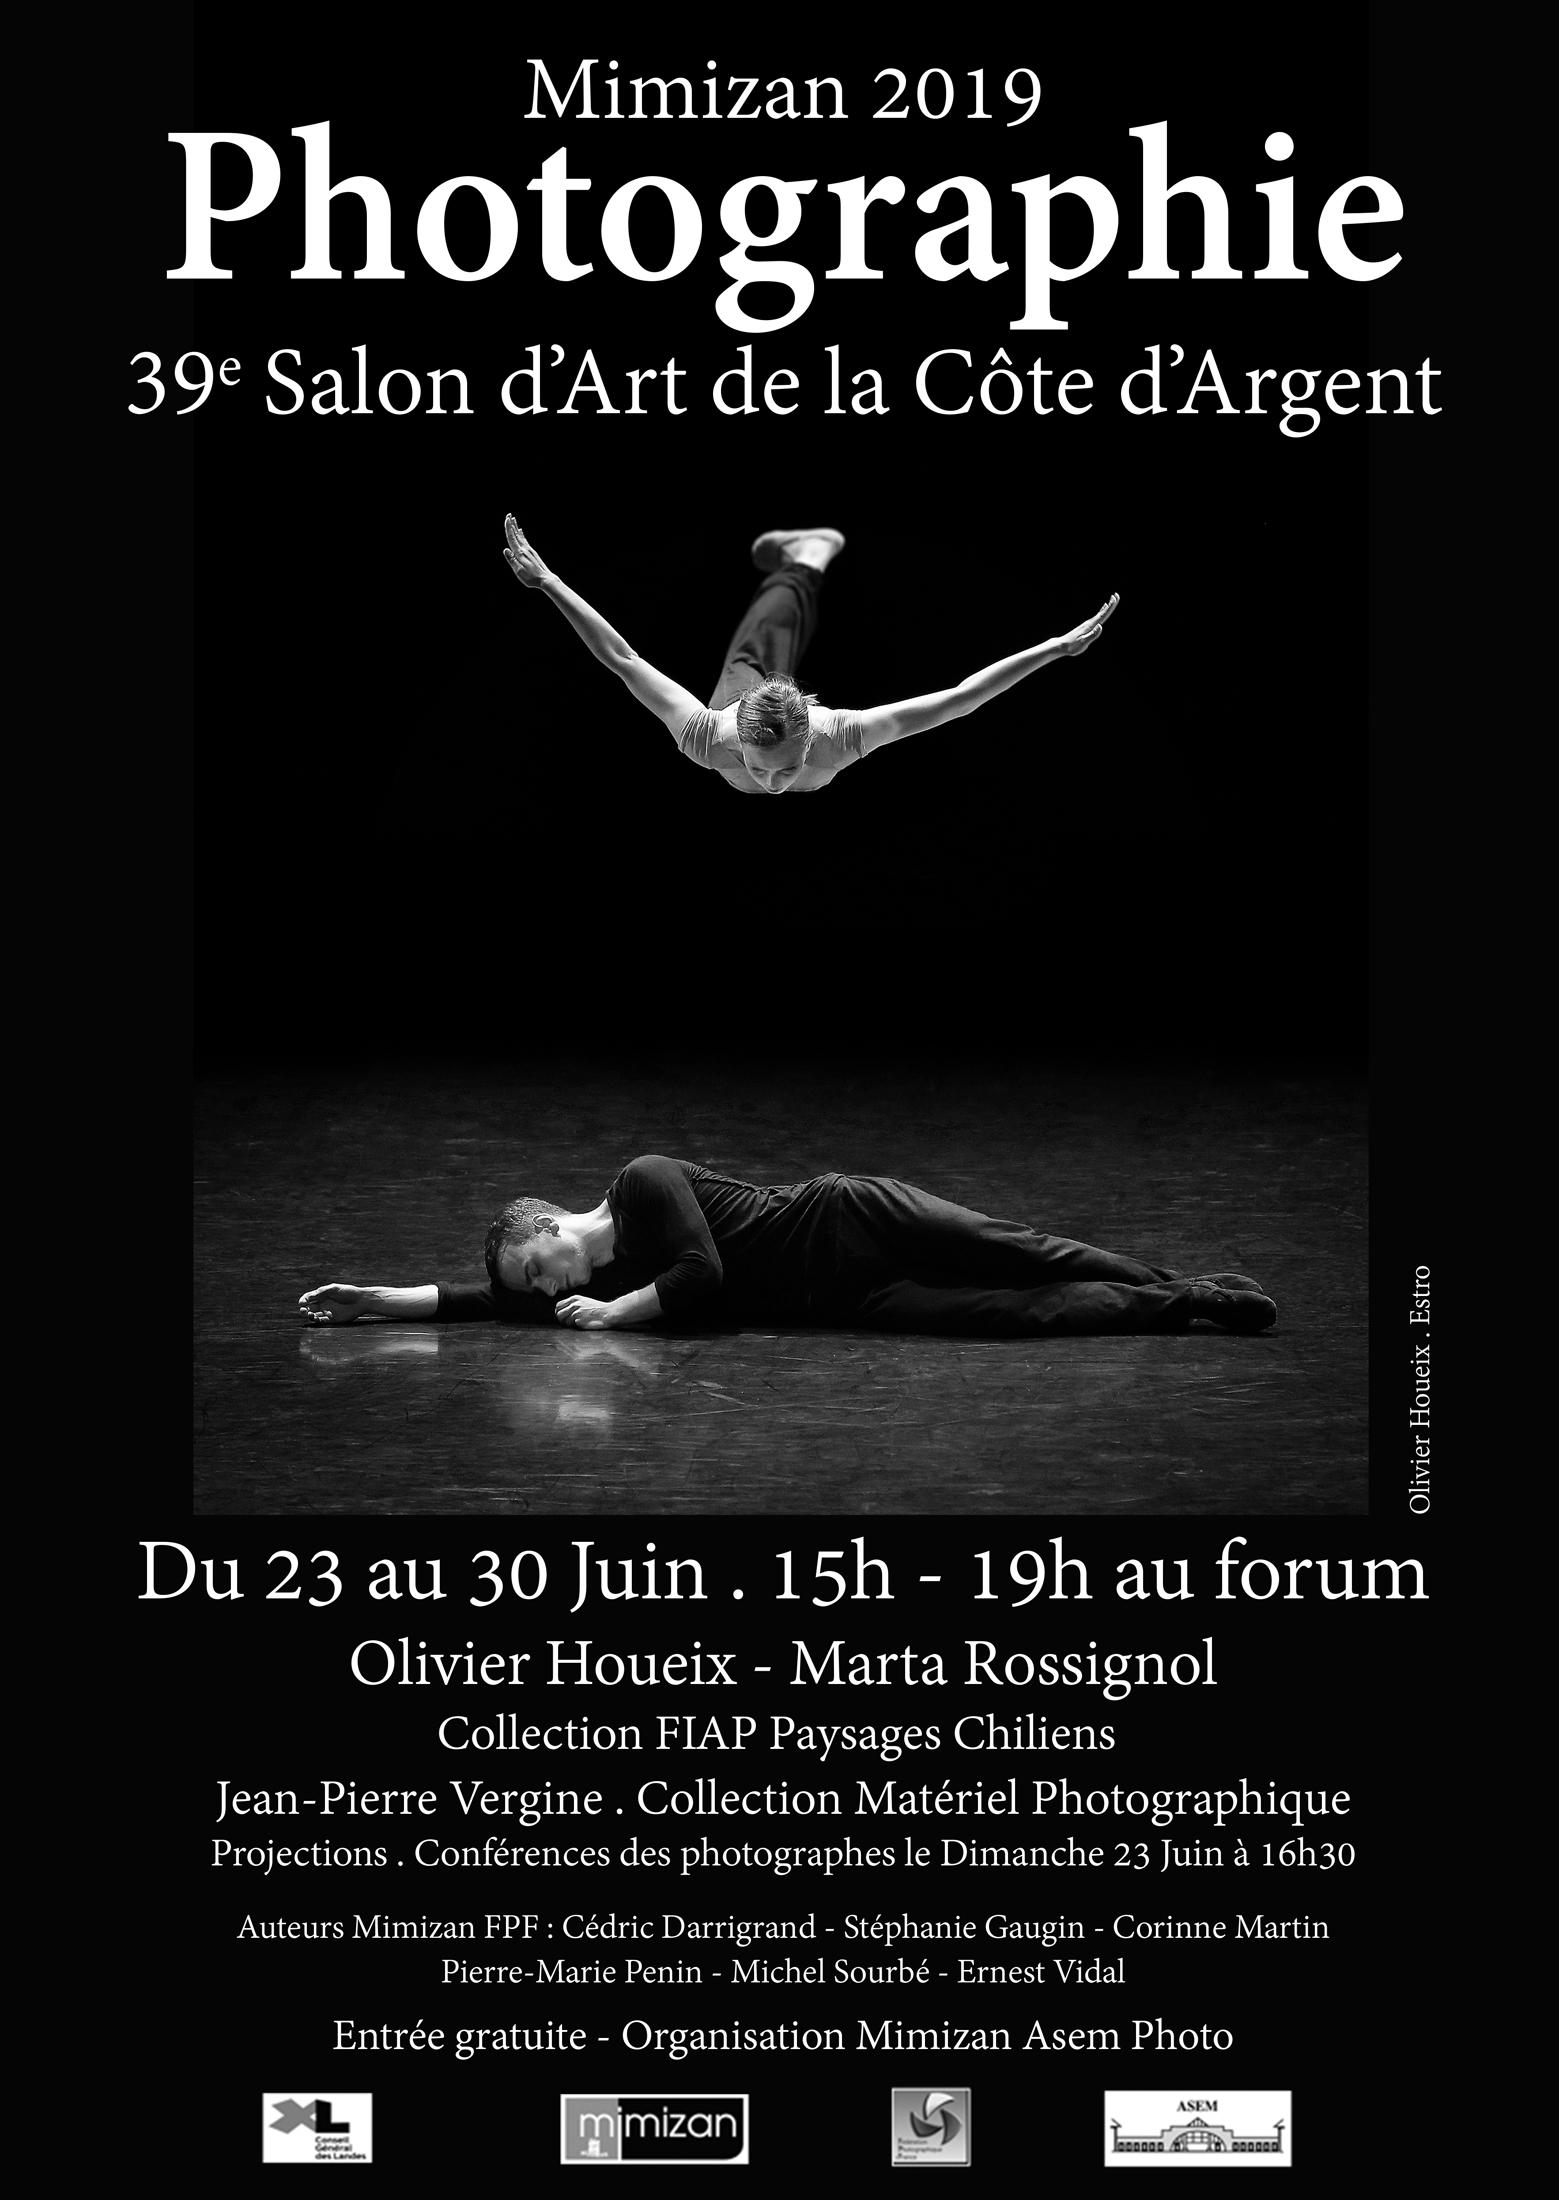 39ème salon d'Art Photographique de la Côte d'Argent